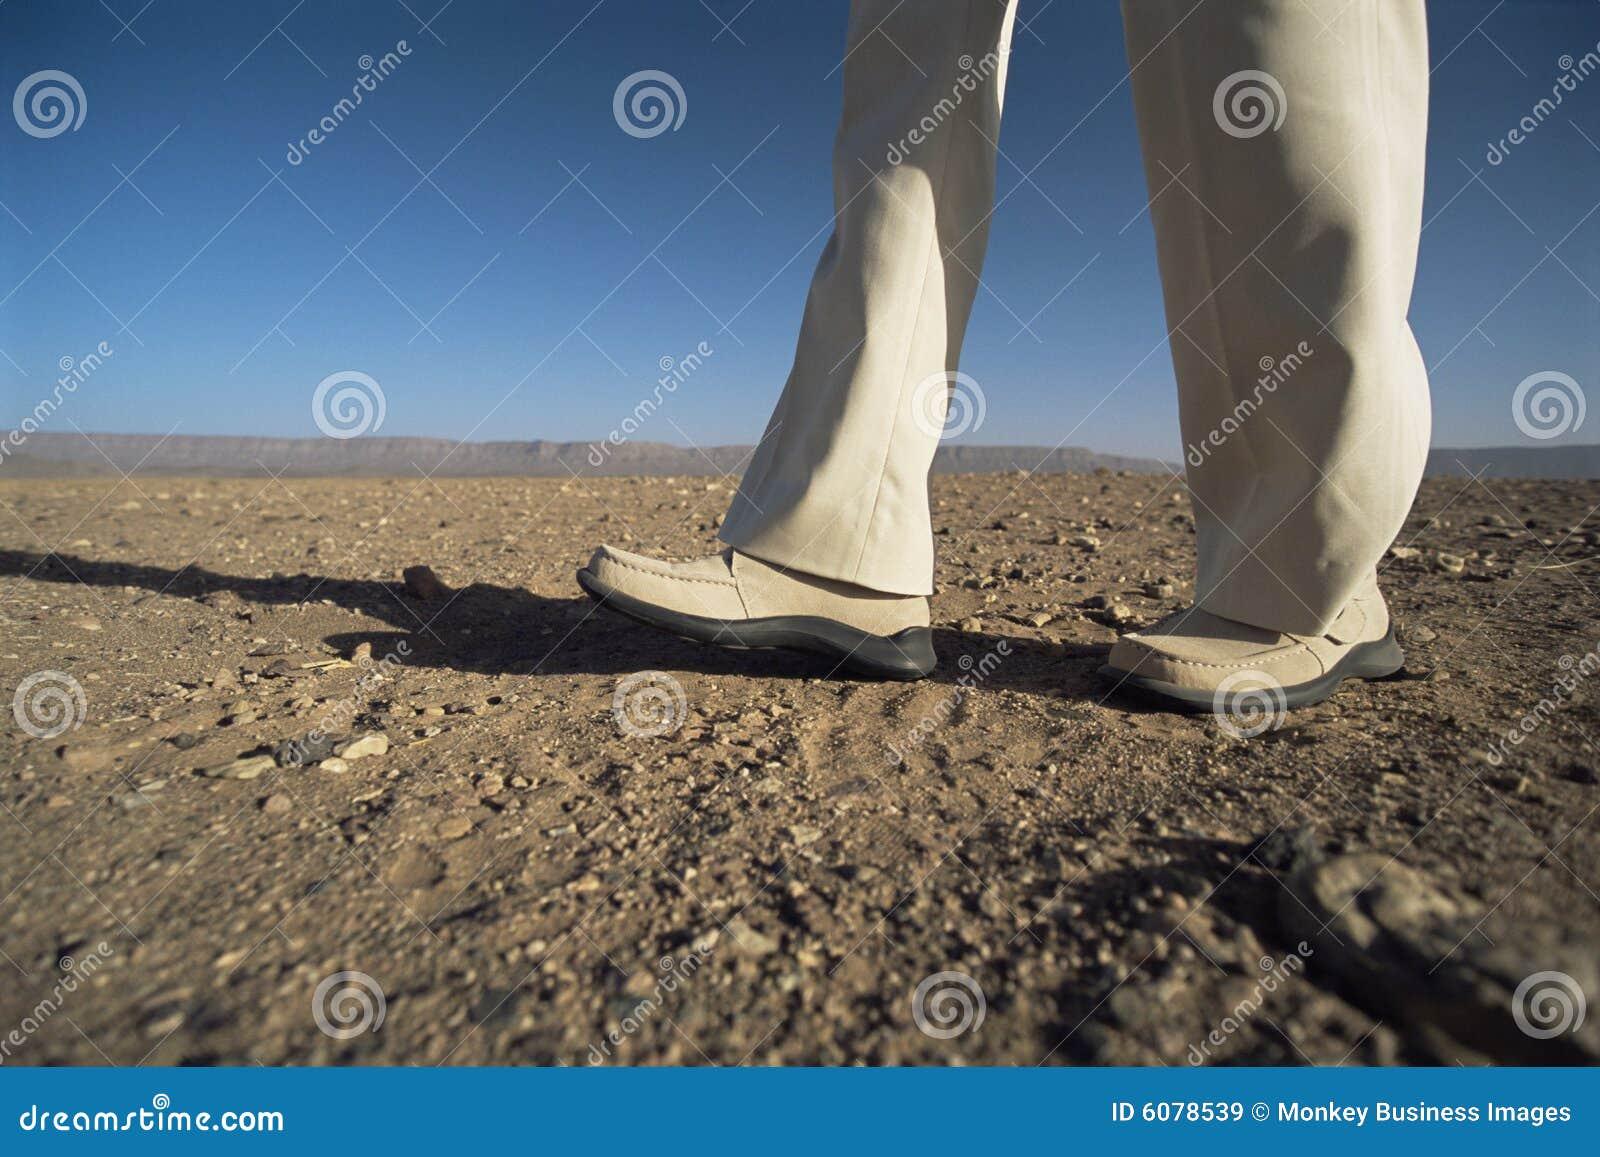 Desert low man section walking